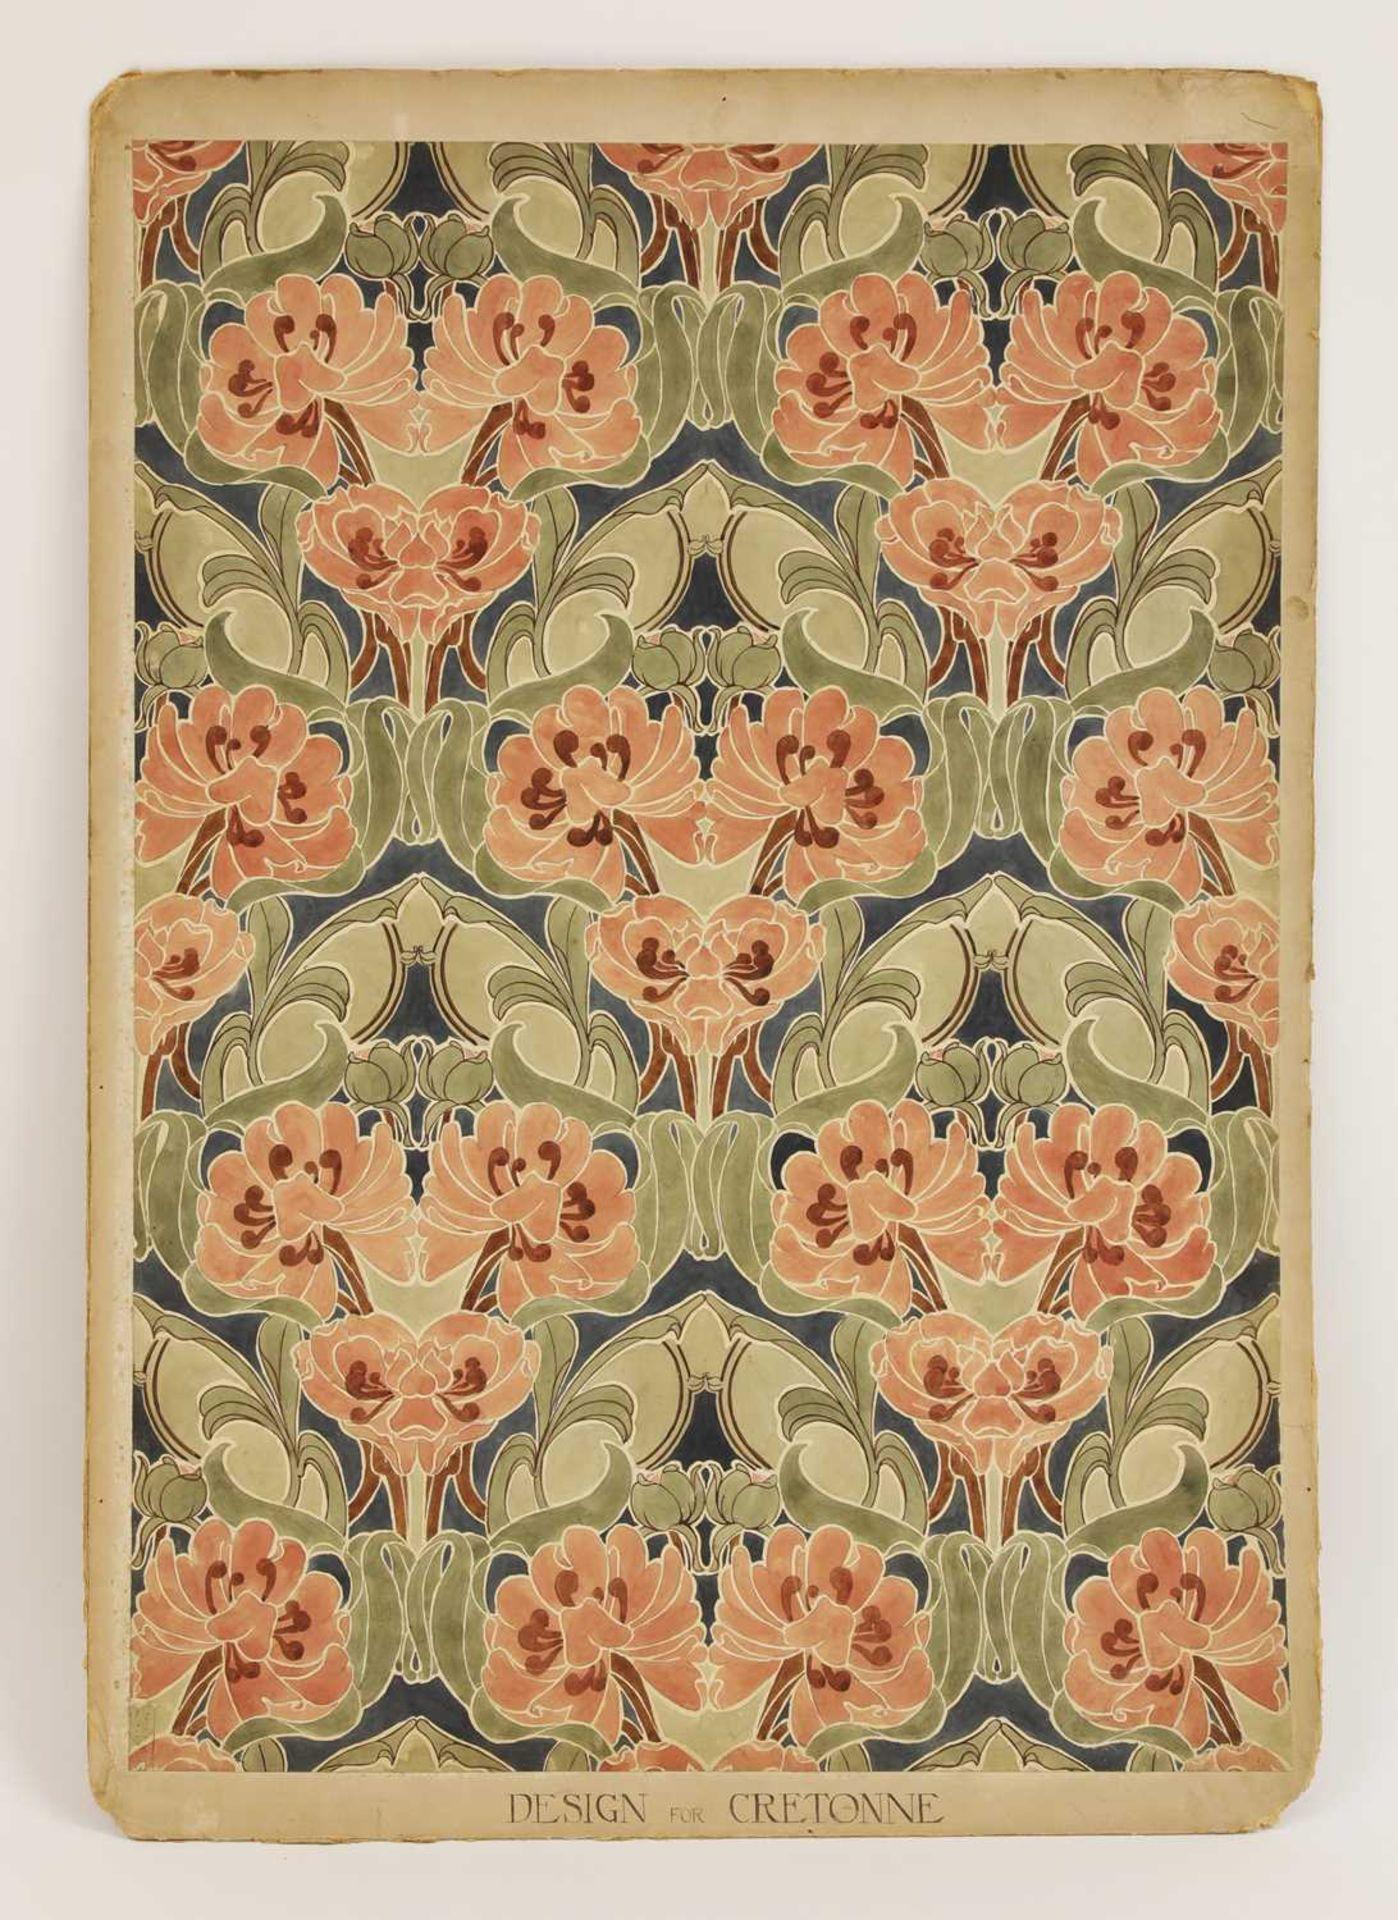 'Designs for Cretonne' - Image 4 of 7